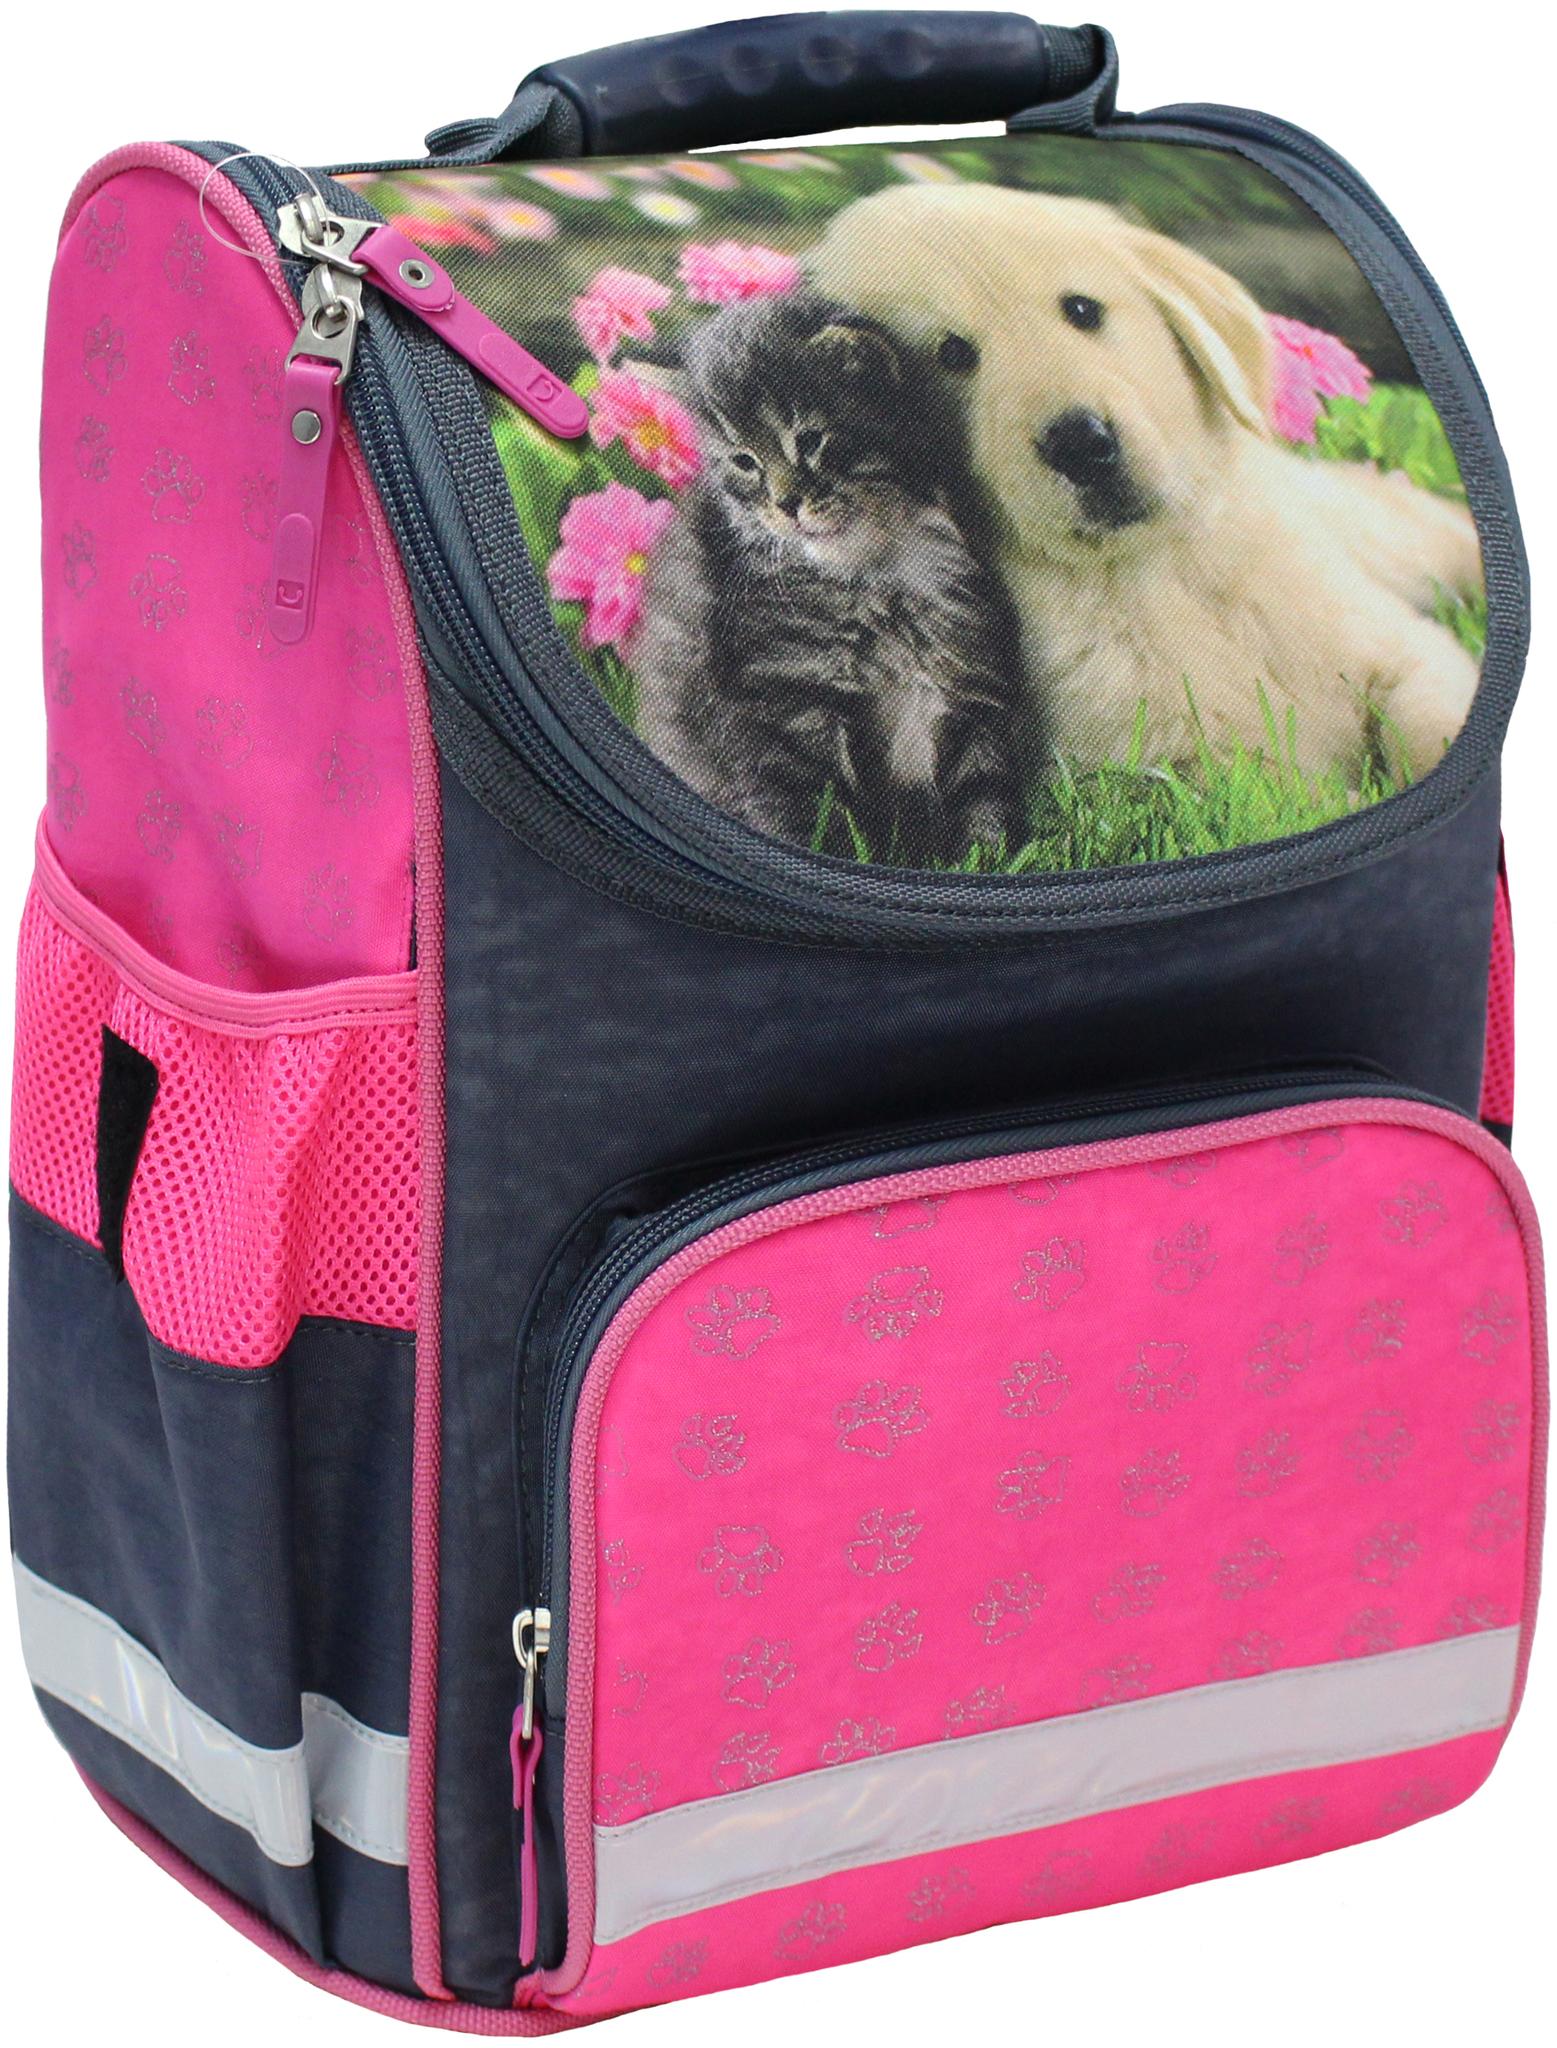 Школьные рюкзаки Рюкзак школьный каркасный Bagland Успех 12 л. серый 138д (00551702) IMG_4766.JPG